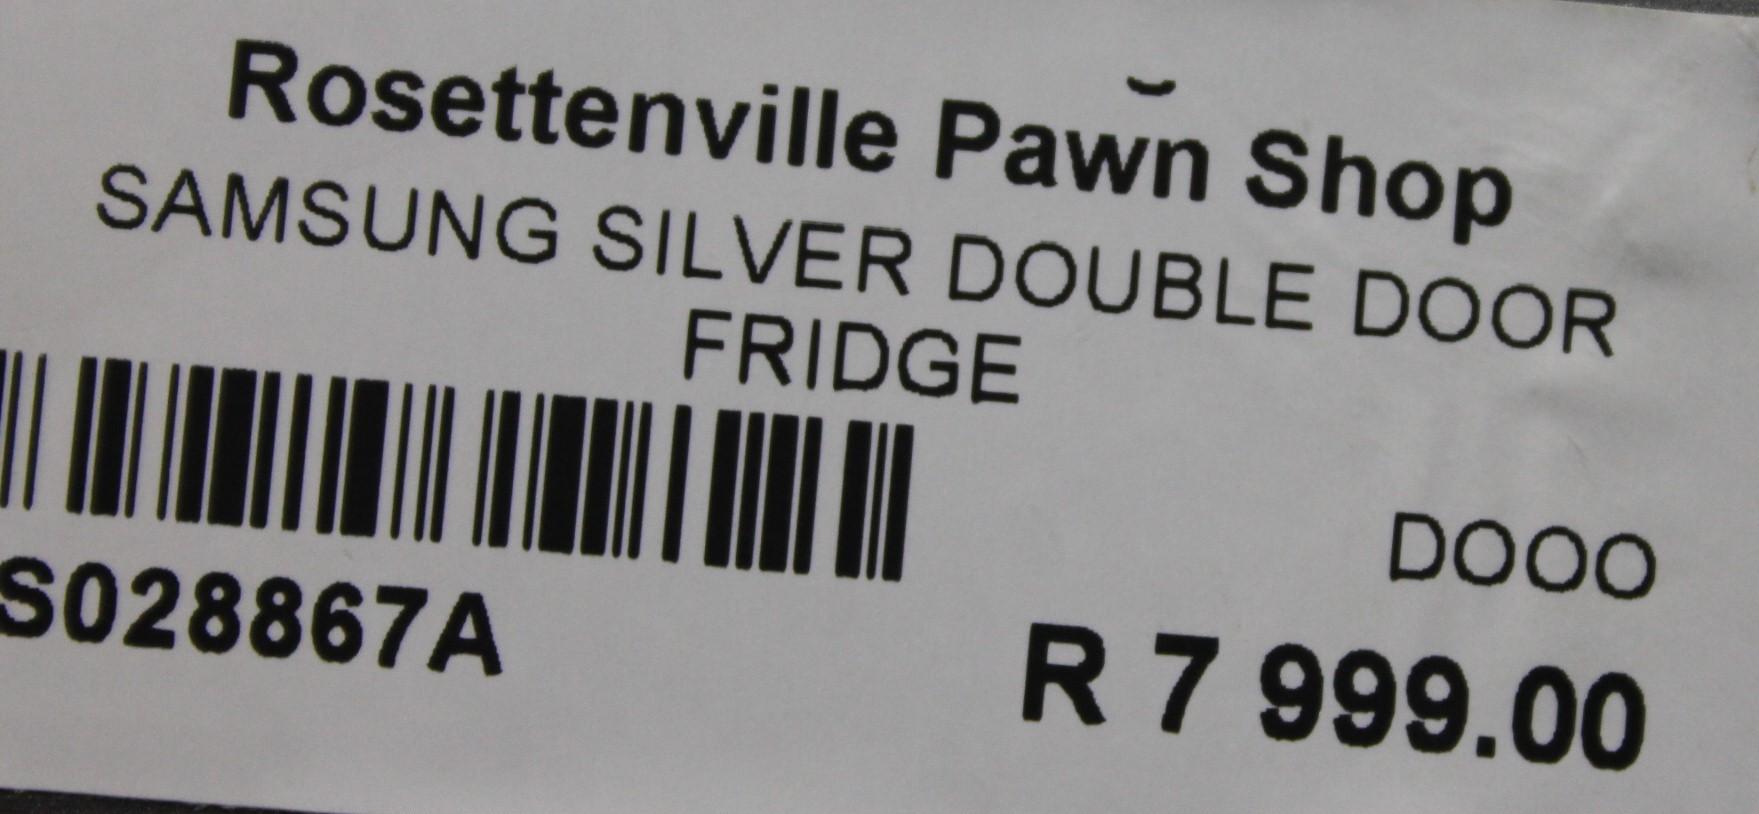 Samsung fridge S028867a #Rosettenvillepawnshop